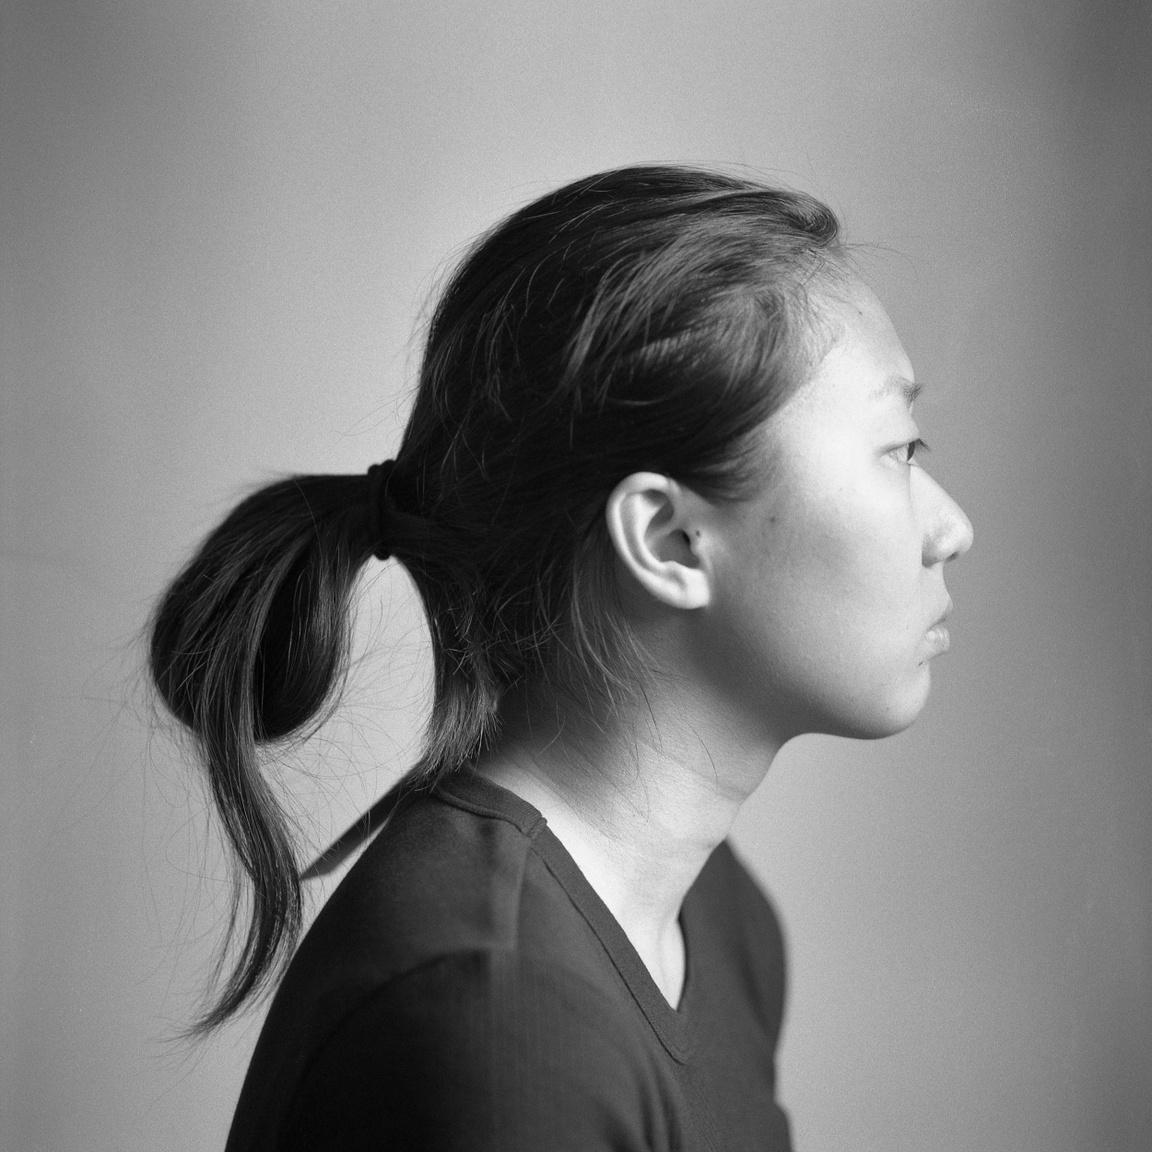 """Miután Shiqi az Egyesült Államokba költözött, szabadidejének nagyobb részét a lakásban töltötte a kütyüjeivel ahelyett, hogy az udvaron vagy az utcán játszott volna. Ez a turtle vagy text neckként ismert, előregörbülő nyakkal járó szindrómához vezetett nála.                          """"A nyaraimat azelőtt az utcán töltöttem a szülővárosomban. Aztán a gyerekkorom luxusát hamarosan felváltották az elektronikus eszközök, és egy görnyedő póz."""""""